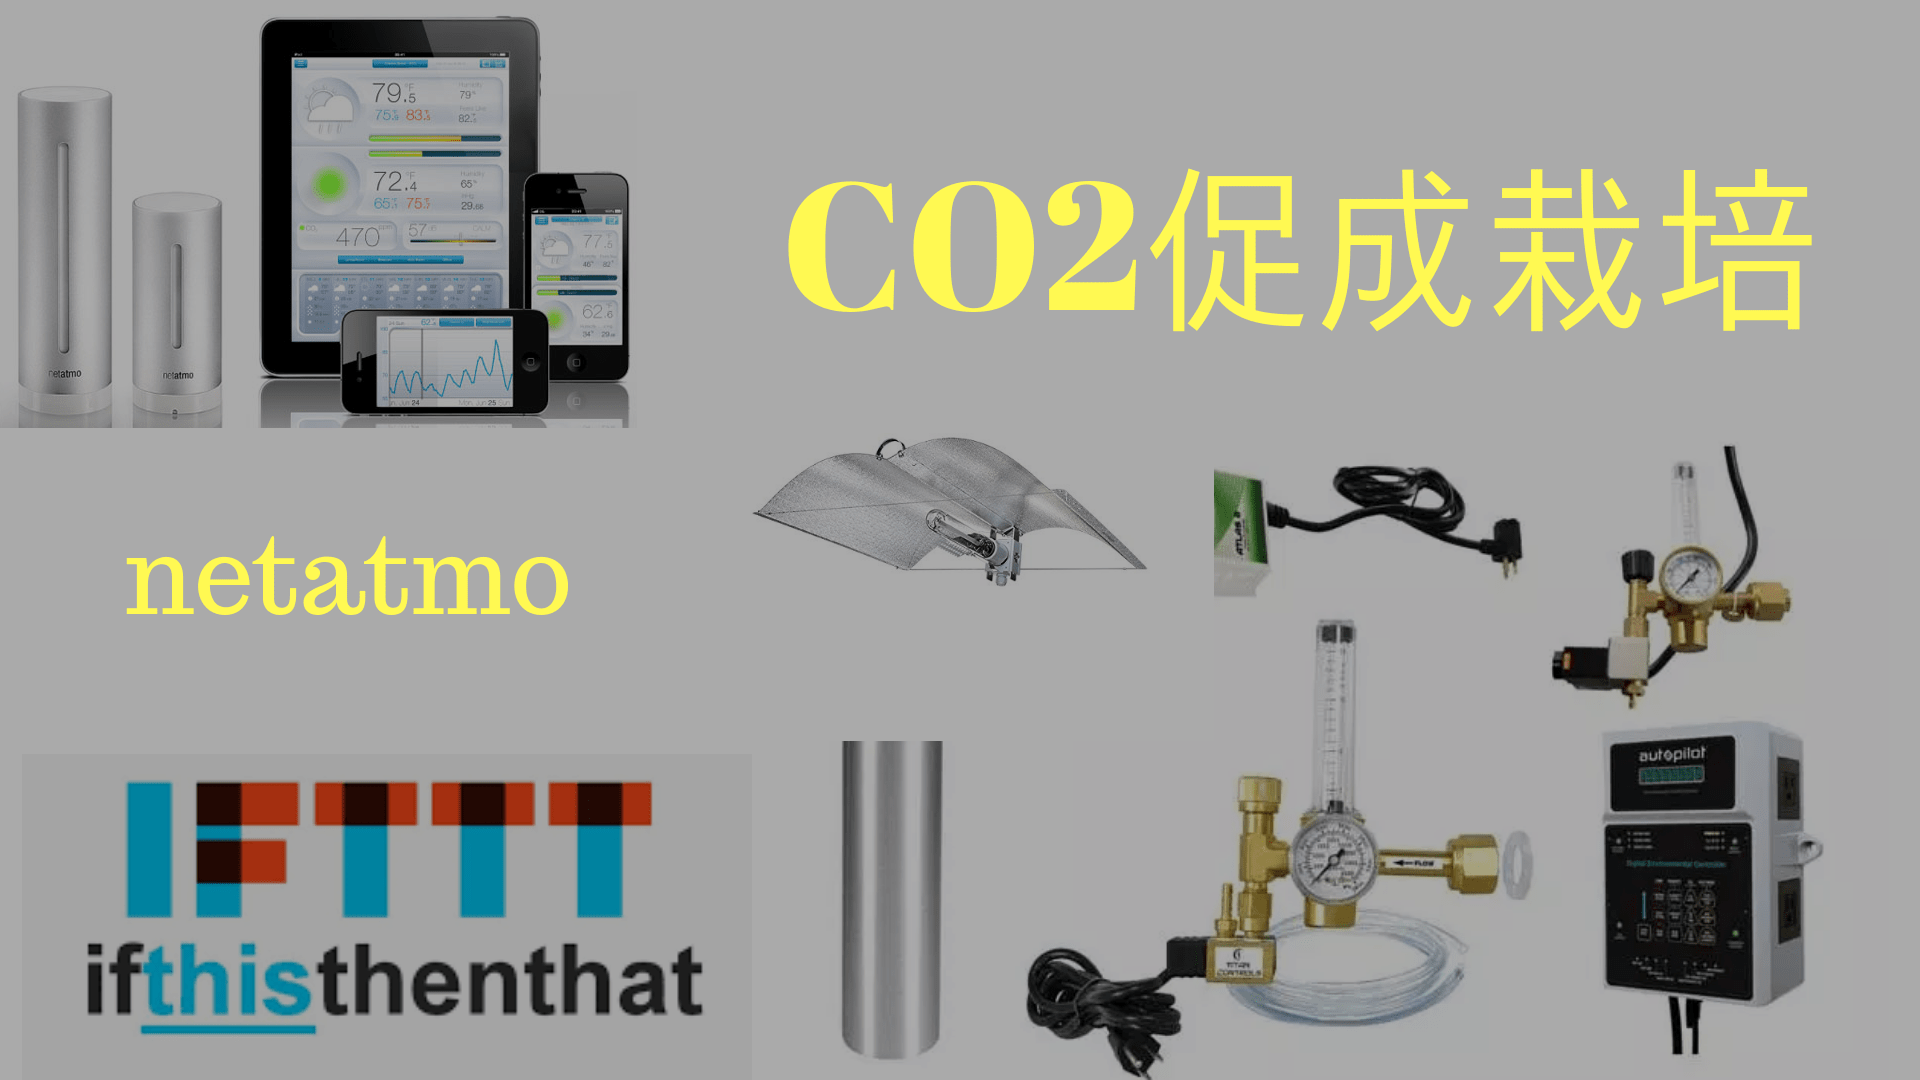 大麻に二酸化炭素をあげる方法。CO2促成栽培。そしてnetatmo